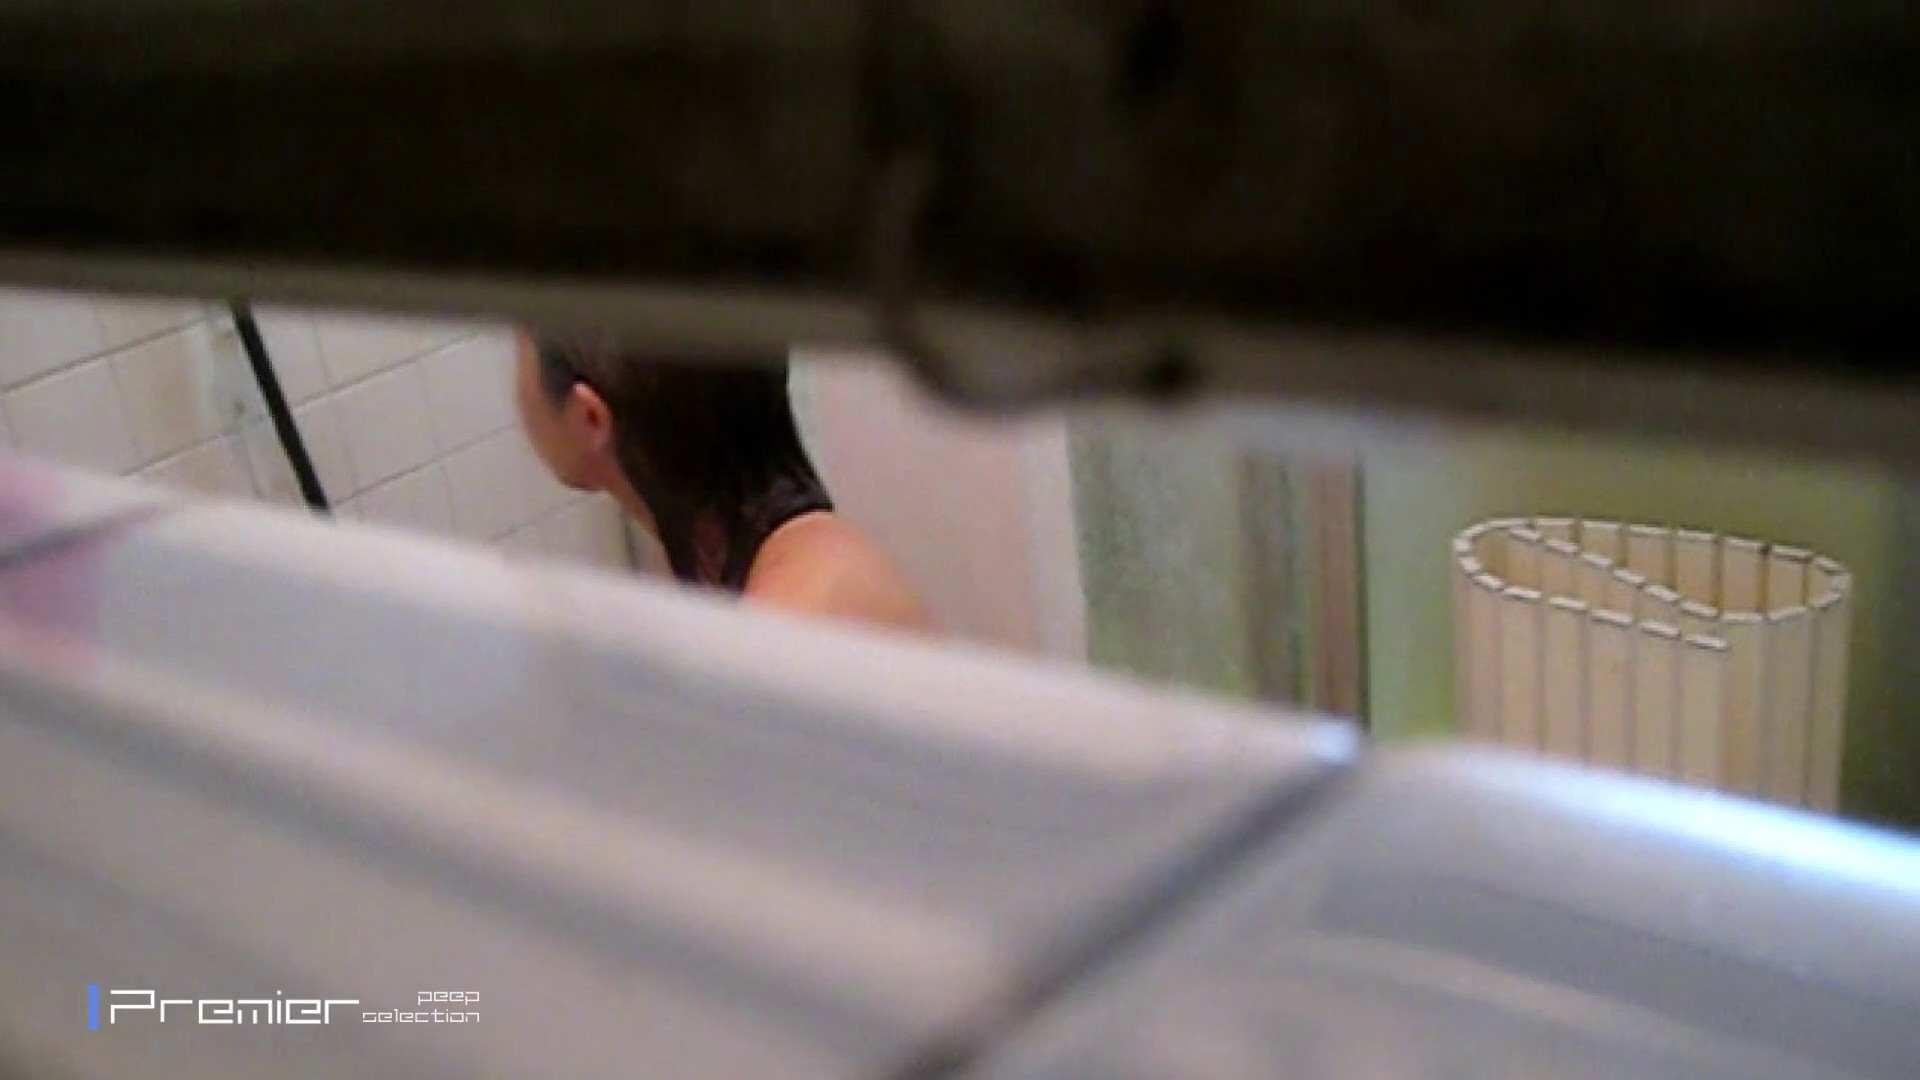 水も滴る美女入浴盗撮 乙女の風呂場 Vol.18 女湯 オメコ動画キャプチャ 92画像 26